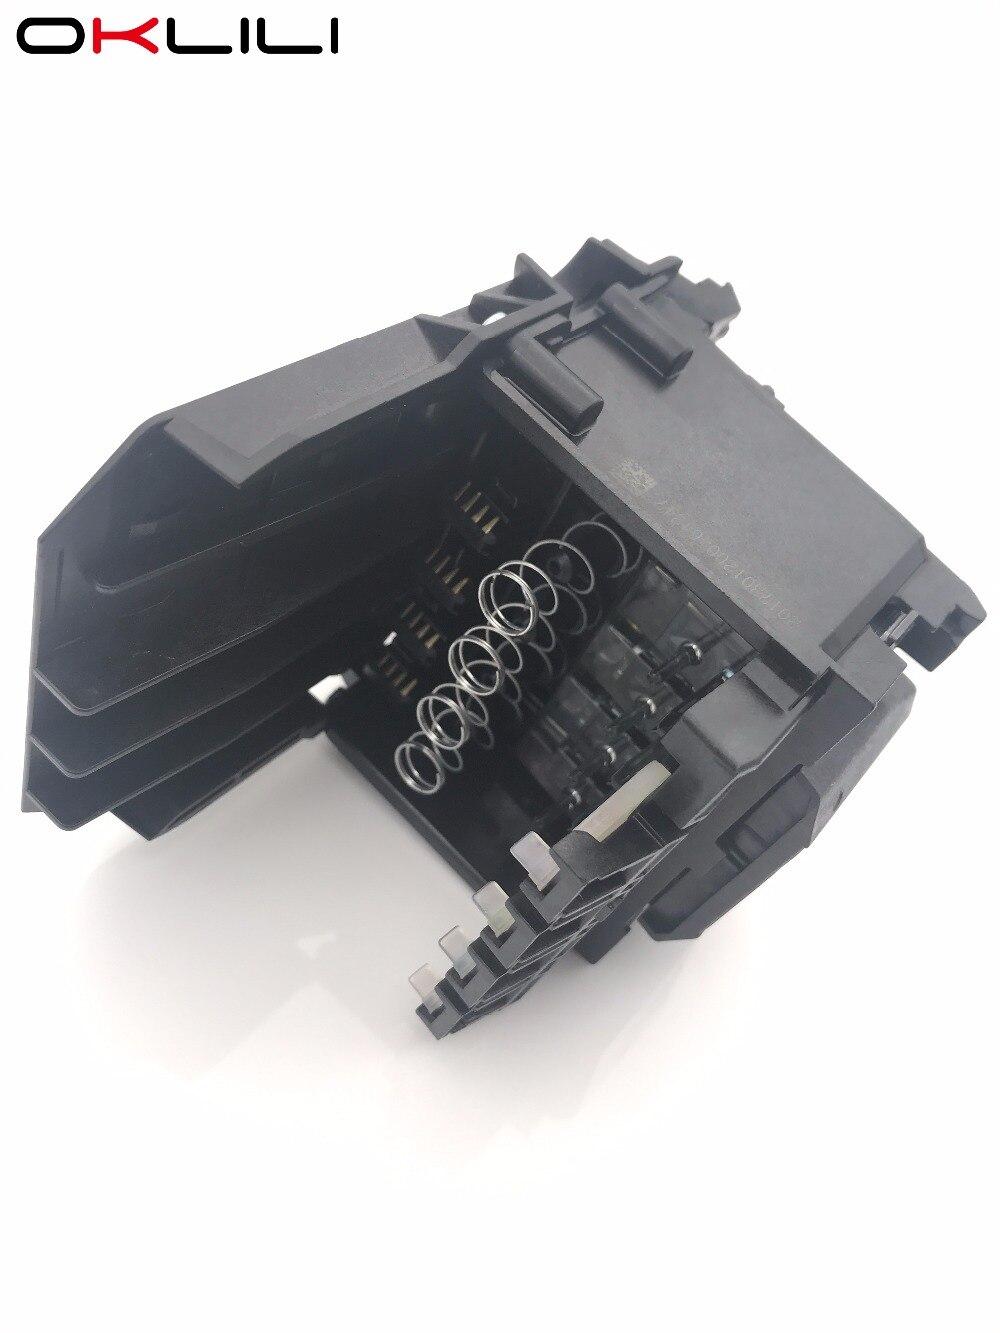 cb863-80013a-cb863-80002a-932-933-cabeca-de-impressao-cabeca-de-impressao-da-impressora-932xl-933xl-para-hp-6100e-6060e-6100-6600-6700-7110-7600-7610-7612